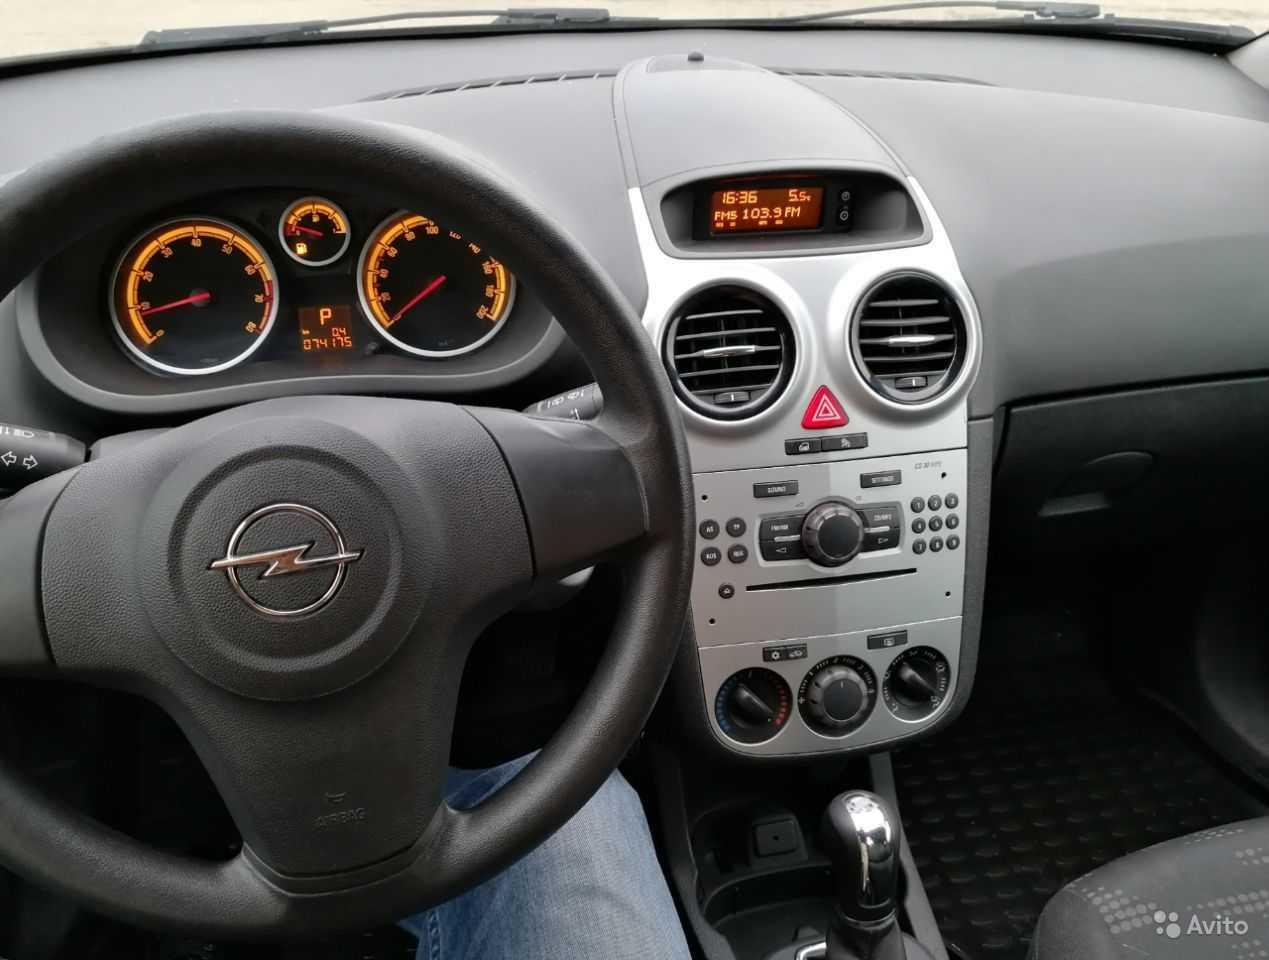 Версии Opel Corsa двигатели и связанные с ними проблемы неисправности трансмиссии и электрической части подвеска кузов отзывы владельцев